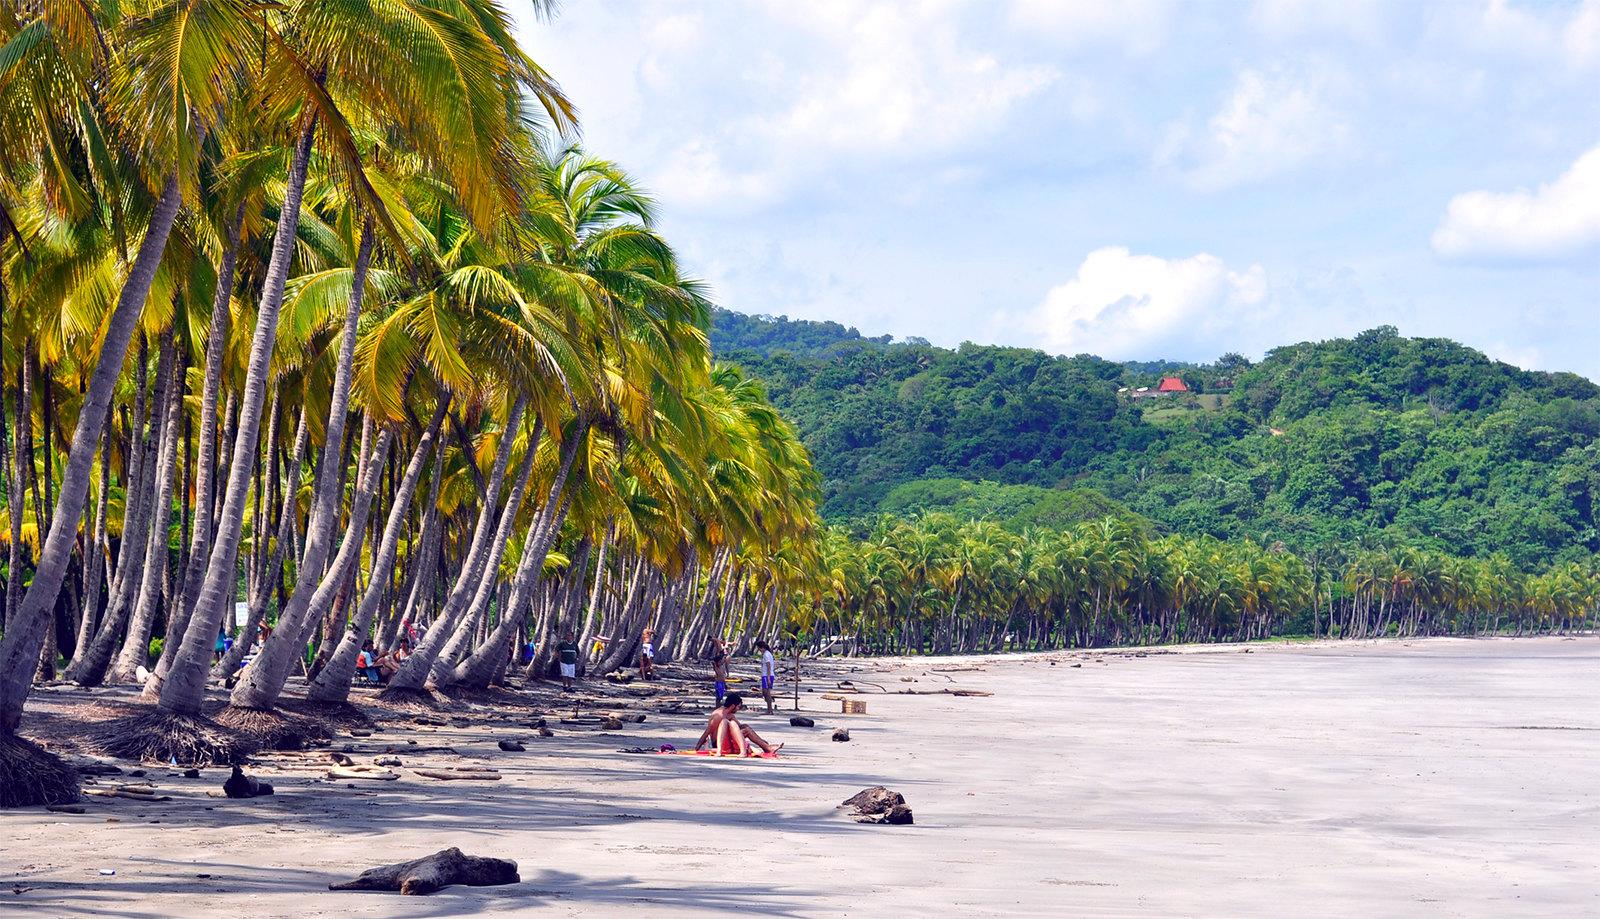 Viajar a Costa Rica / Ruta por Costa Rica en 3 semanas ruta por costa rica - 38217186672 4eef671034 h - Ruta por Costa Rica en 3 semanas